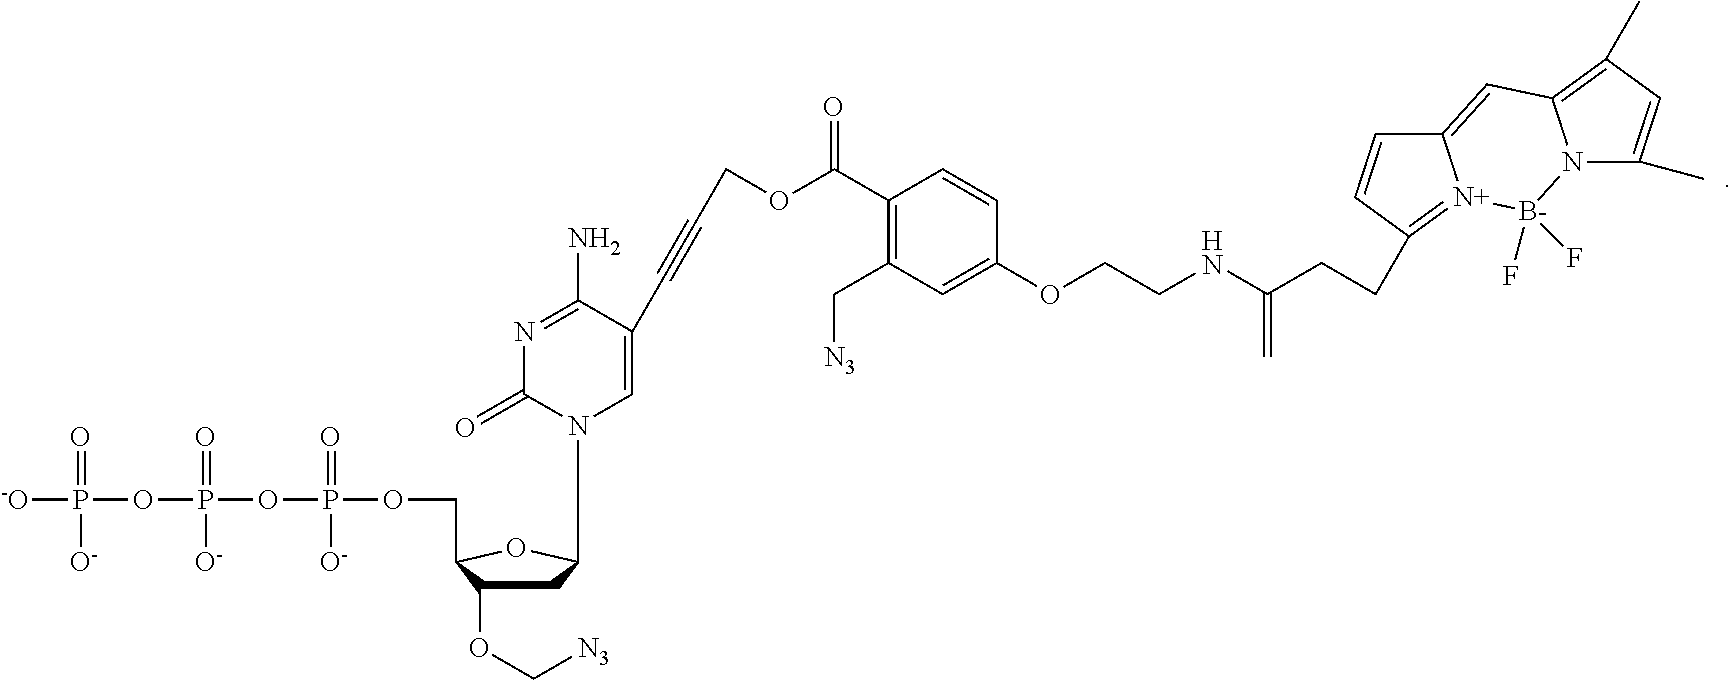 Figure US10144961-20181204-C00035